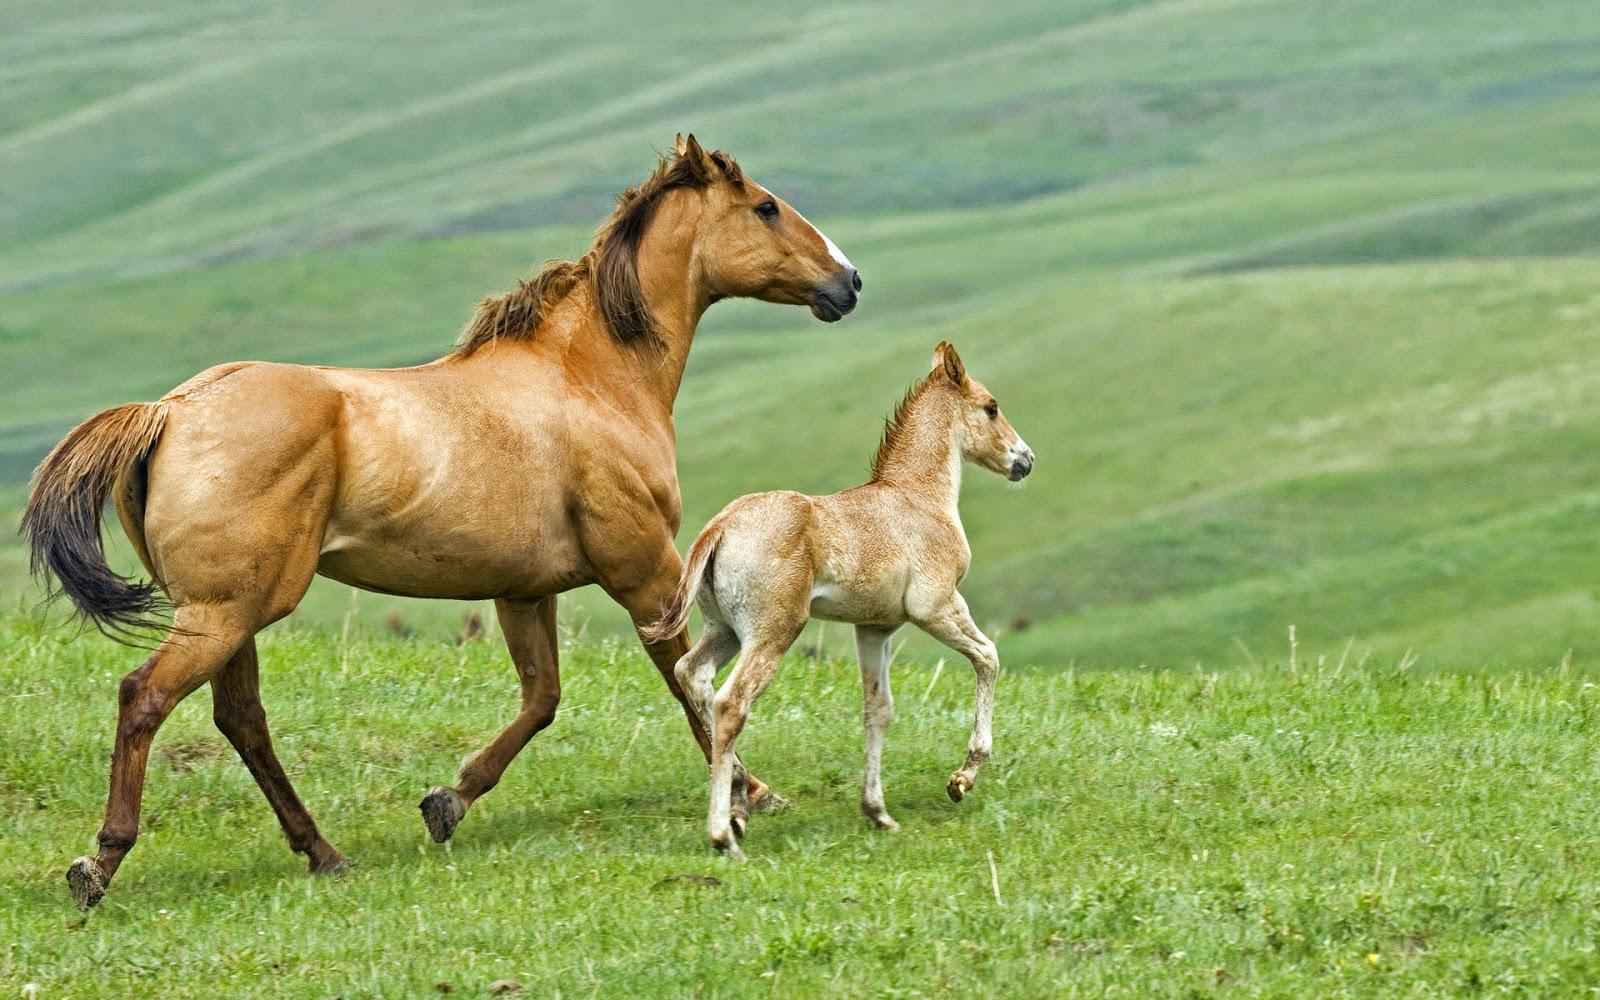 Wallpaper met moeder paard en veulen